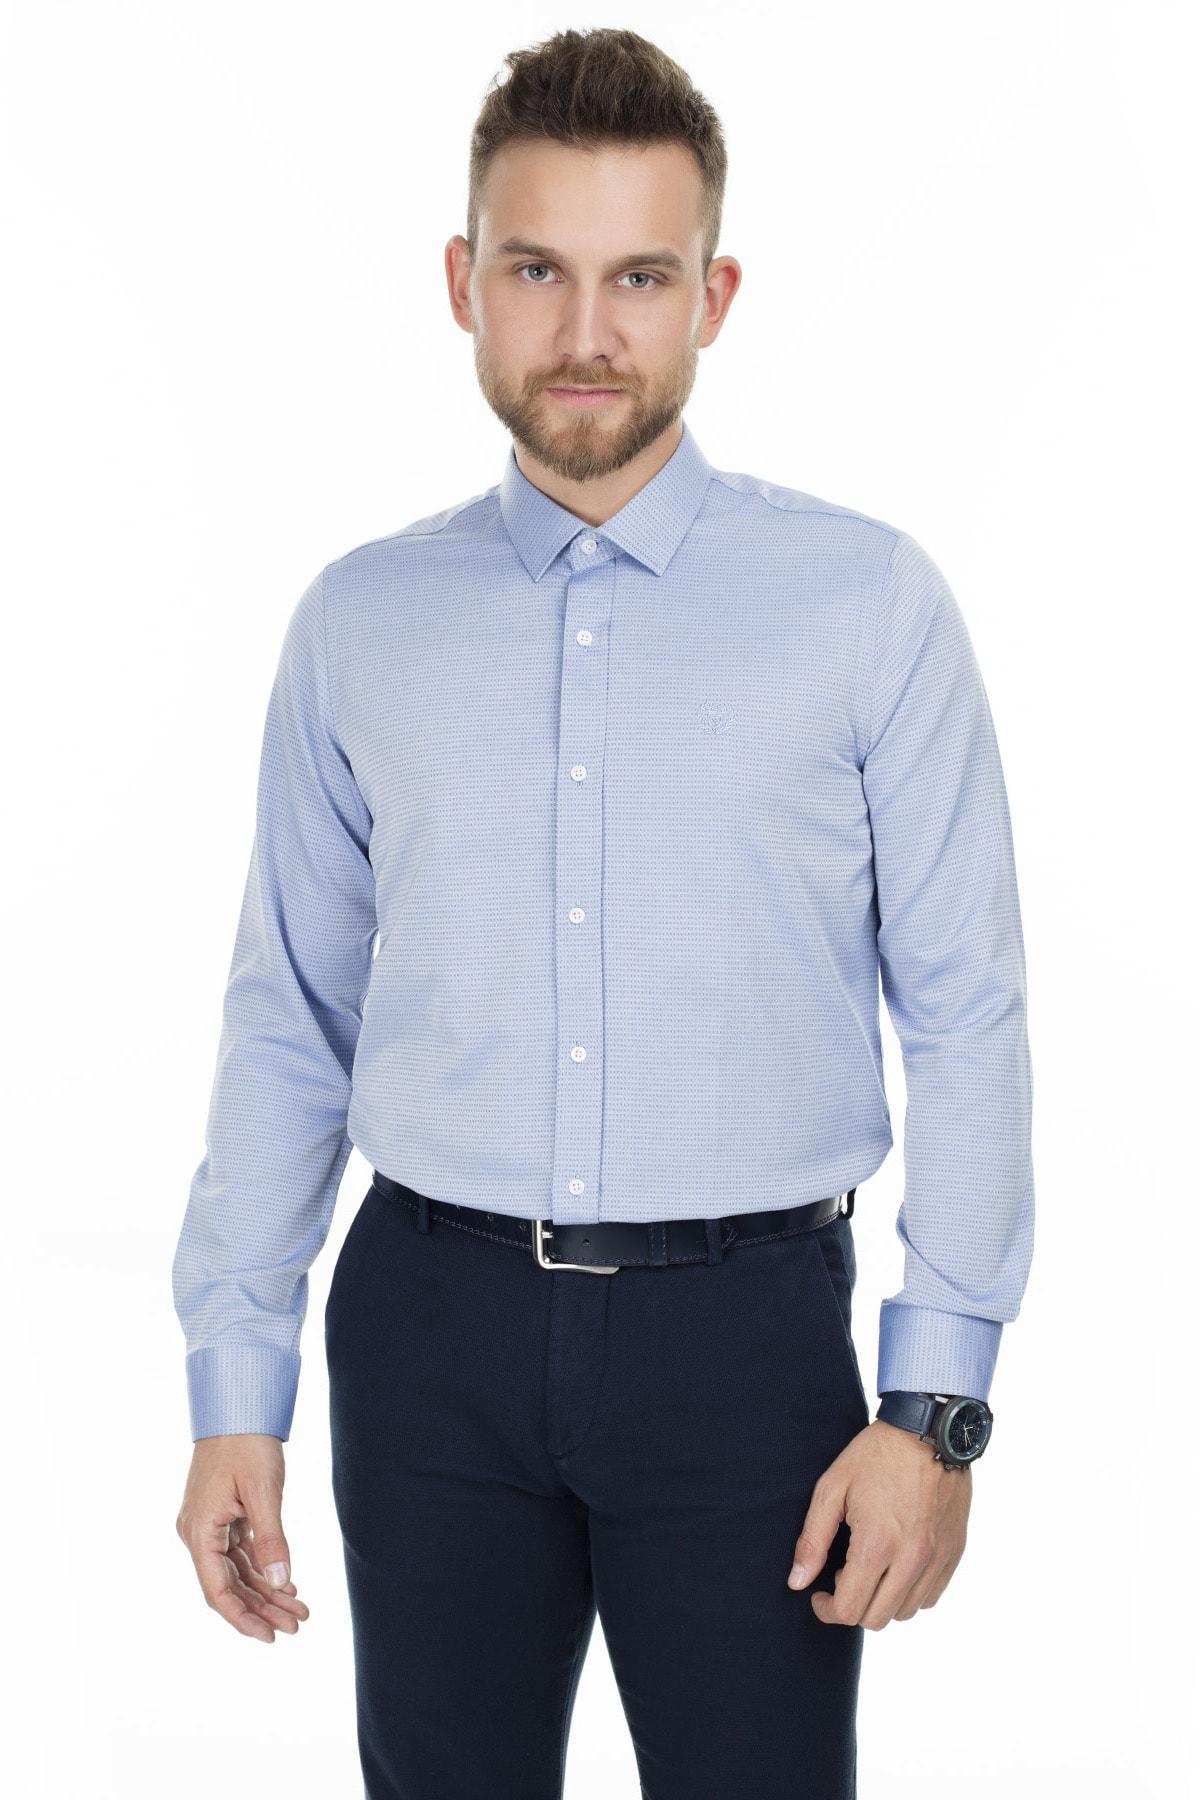 Sabri Özel Uzun Kollu Slim Fit Gömlek ERKEK UZUN KOLLU GÖMLEK 5431634 3